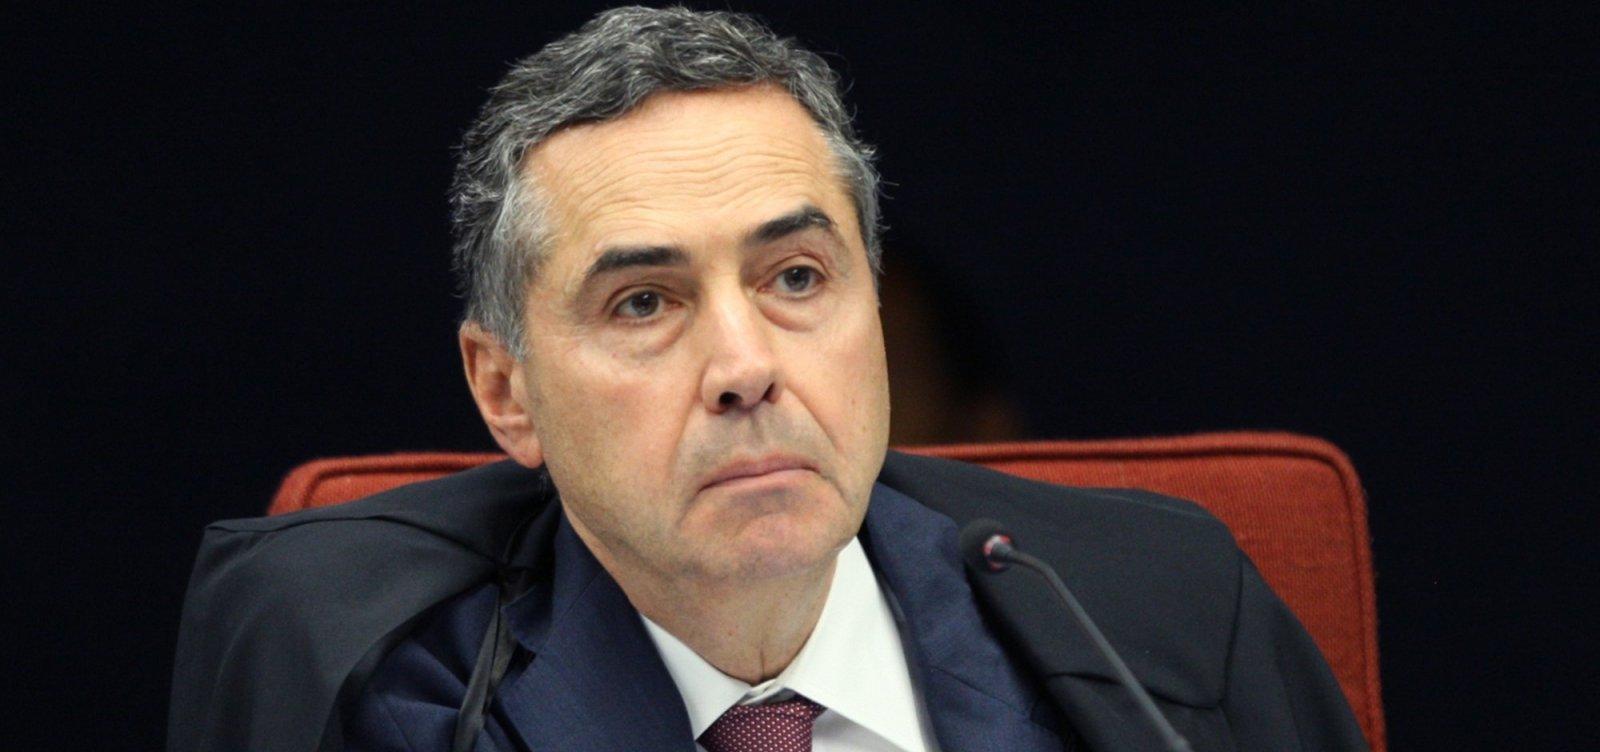 'Onde houver riscos à democracia, o STF desempenhará seu papel', promete Barroso após voto